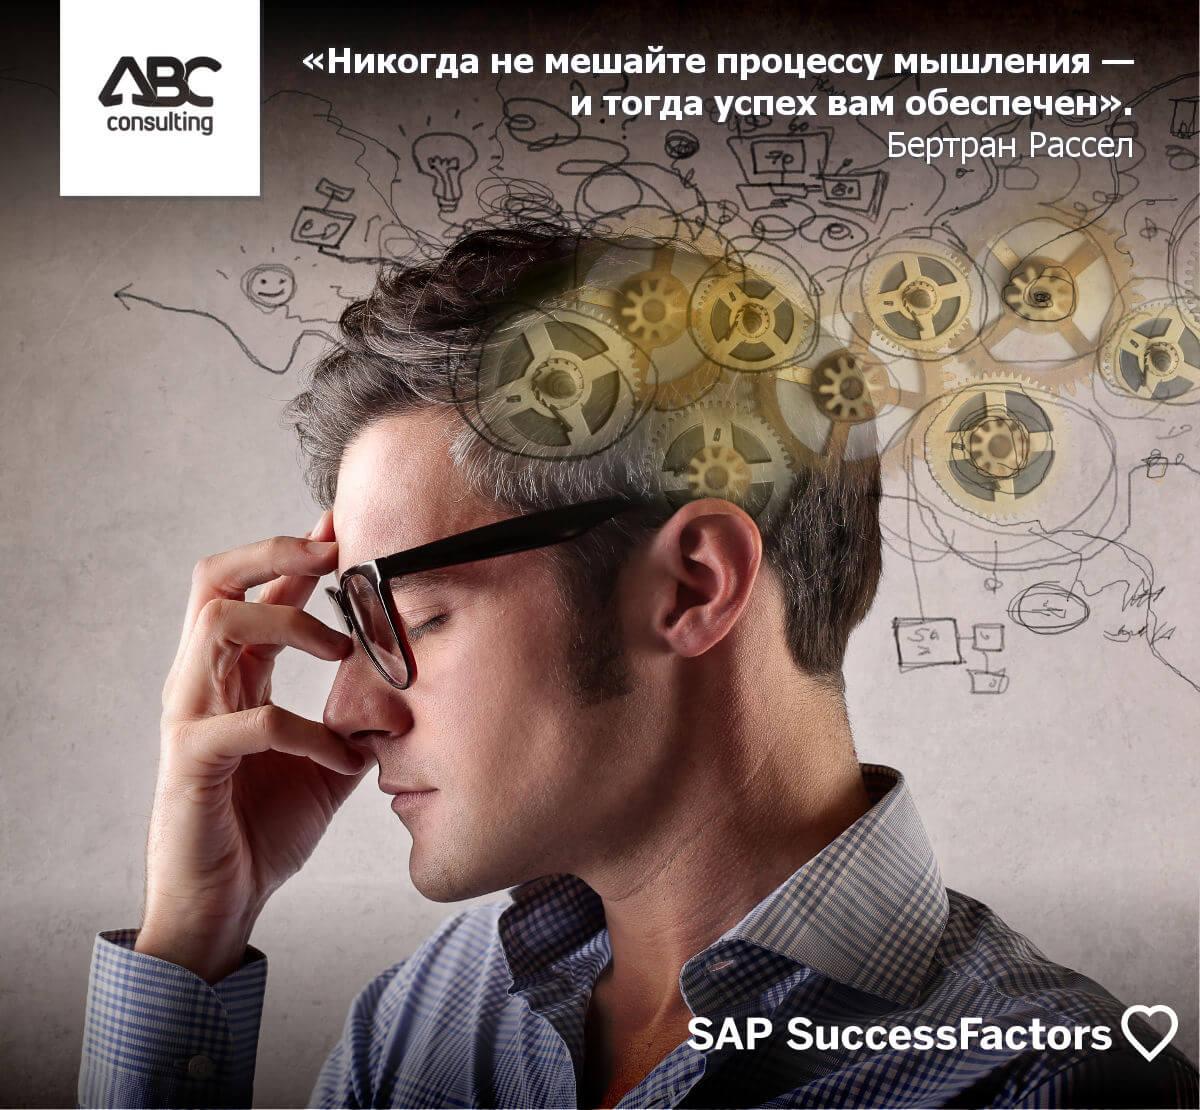 Будущее HR: Влияние технологий на мышление